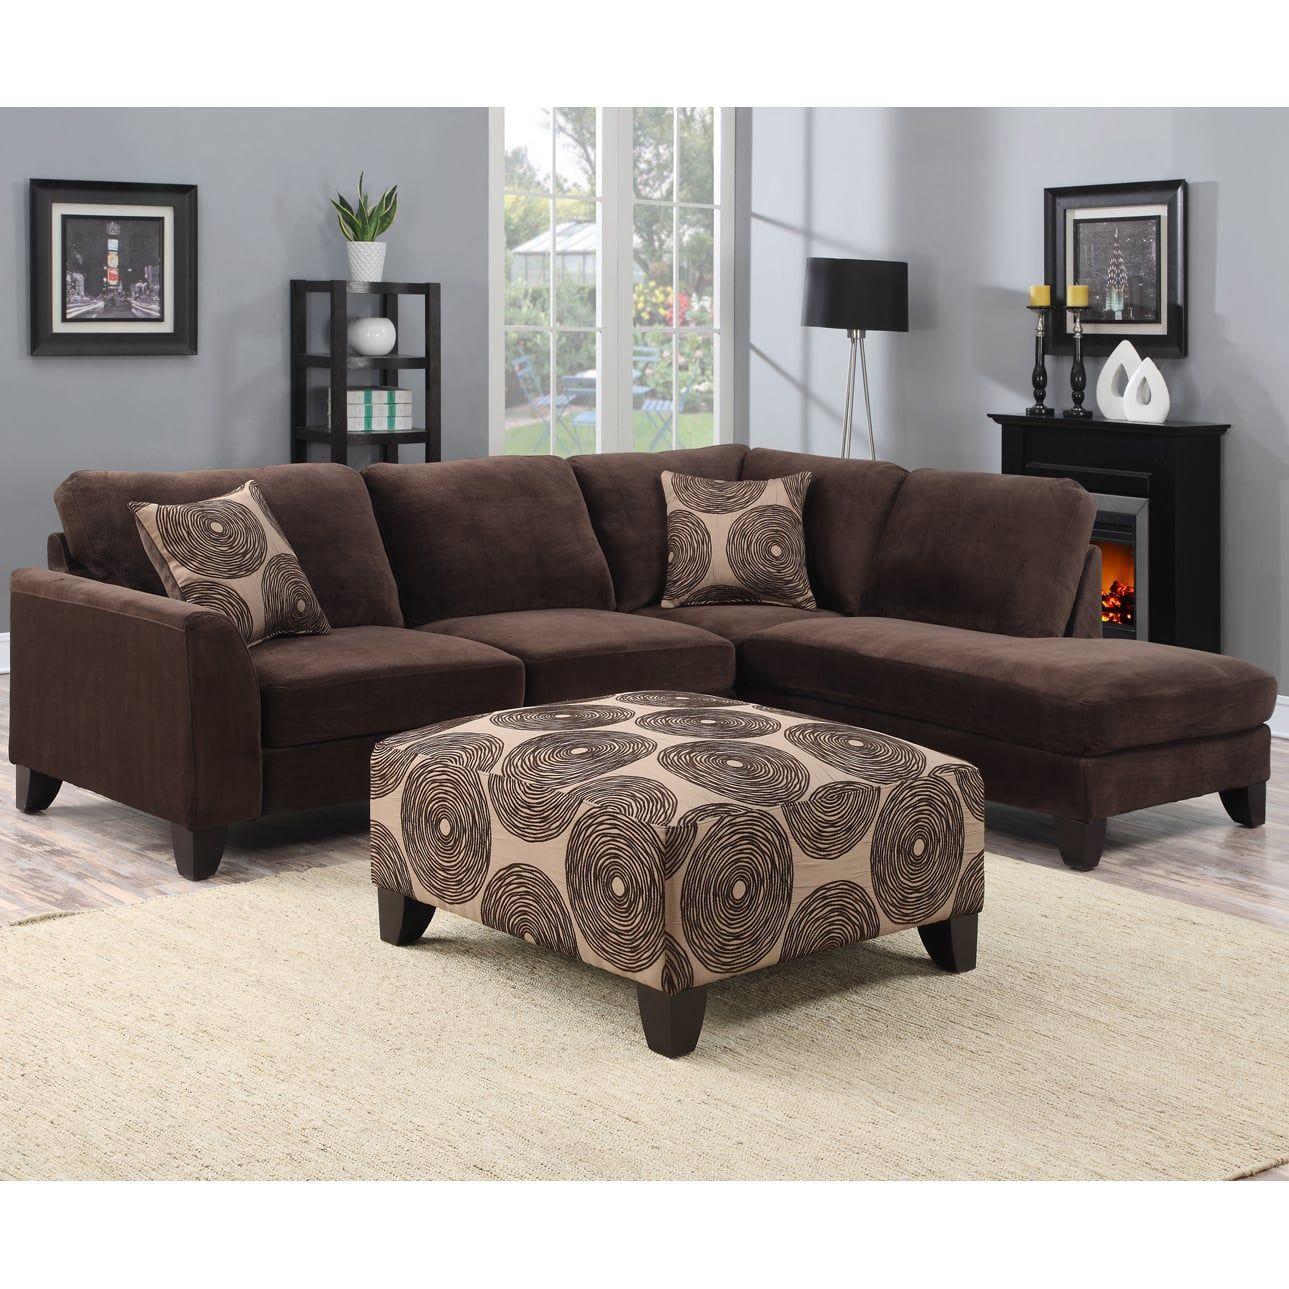 Cojines Sofa Chocolate.Porter Malibu Chocolate Brown Sectional Sofa With Ottoman